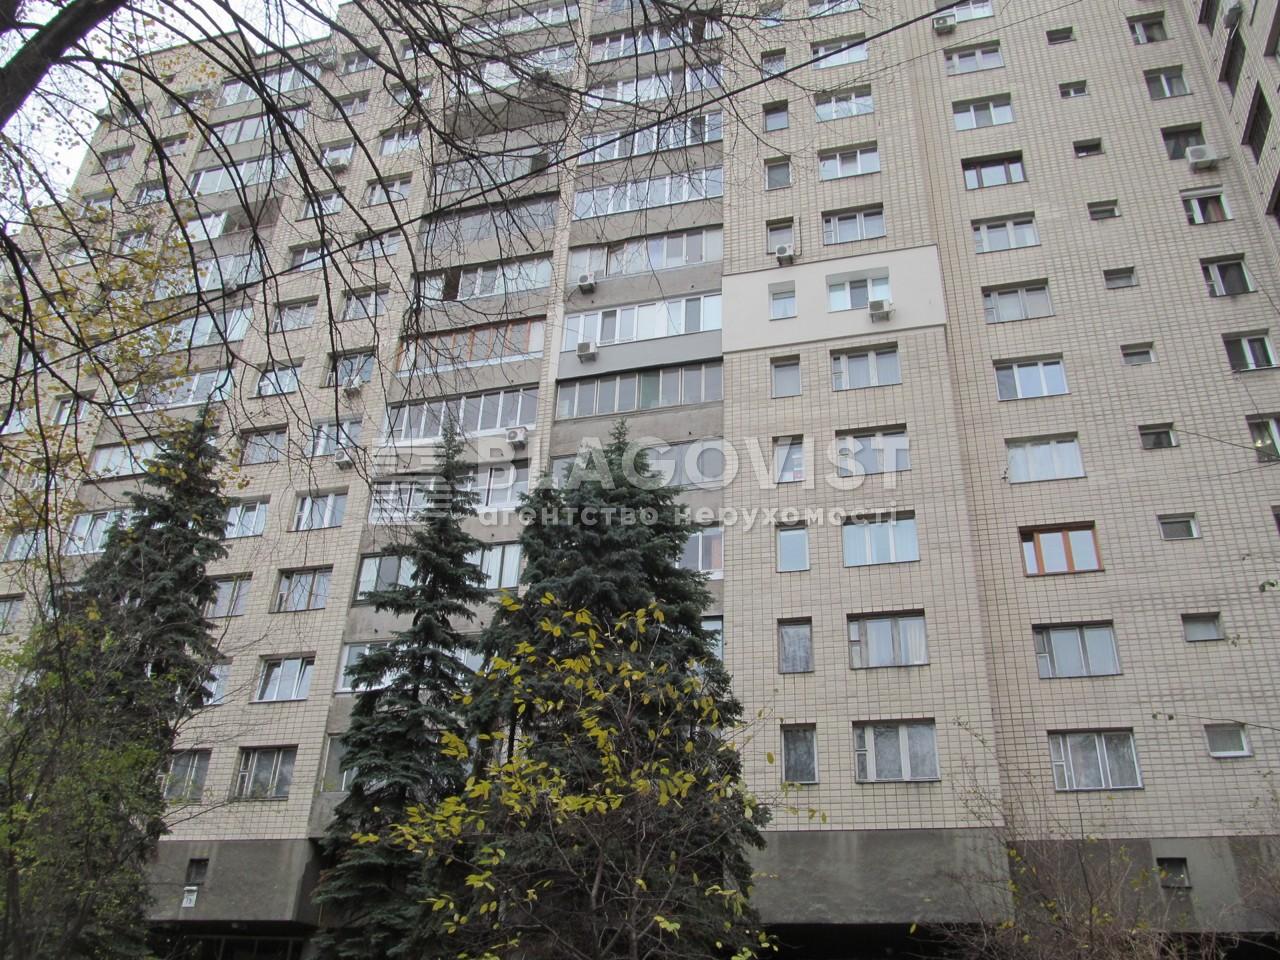 Квартира C-57758, Емельяновича-Павленко Михаила (Суворова), 13, Киев - Фото 4